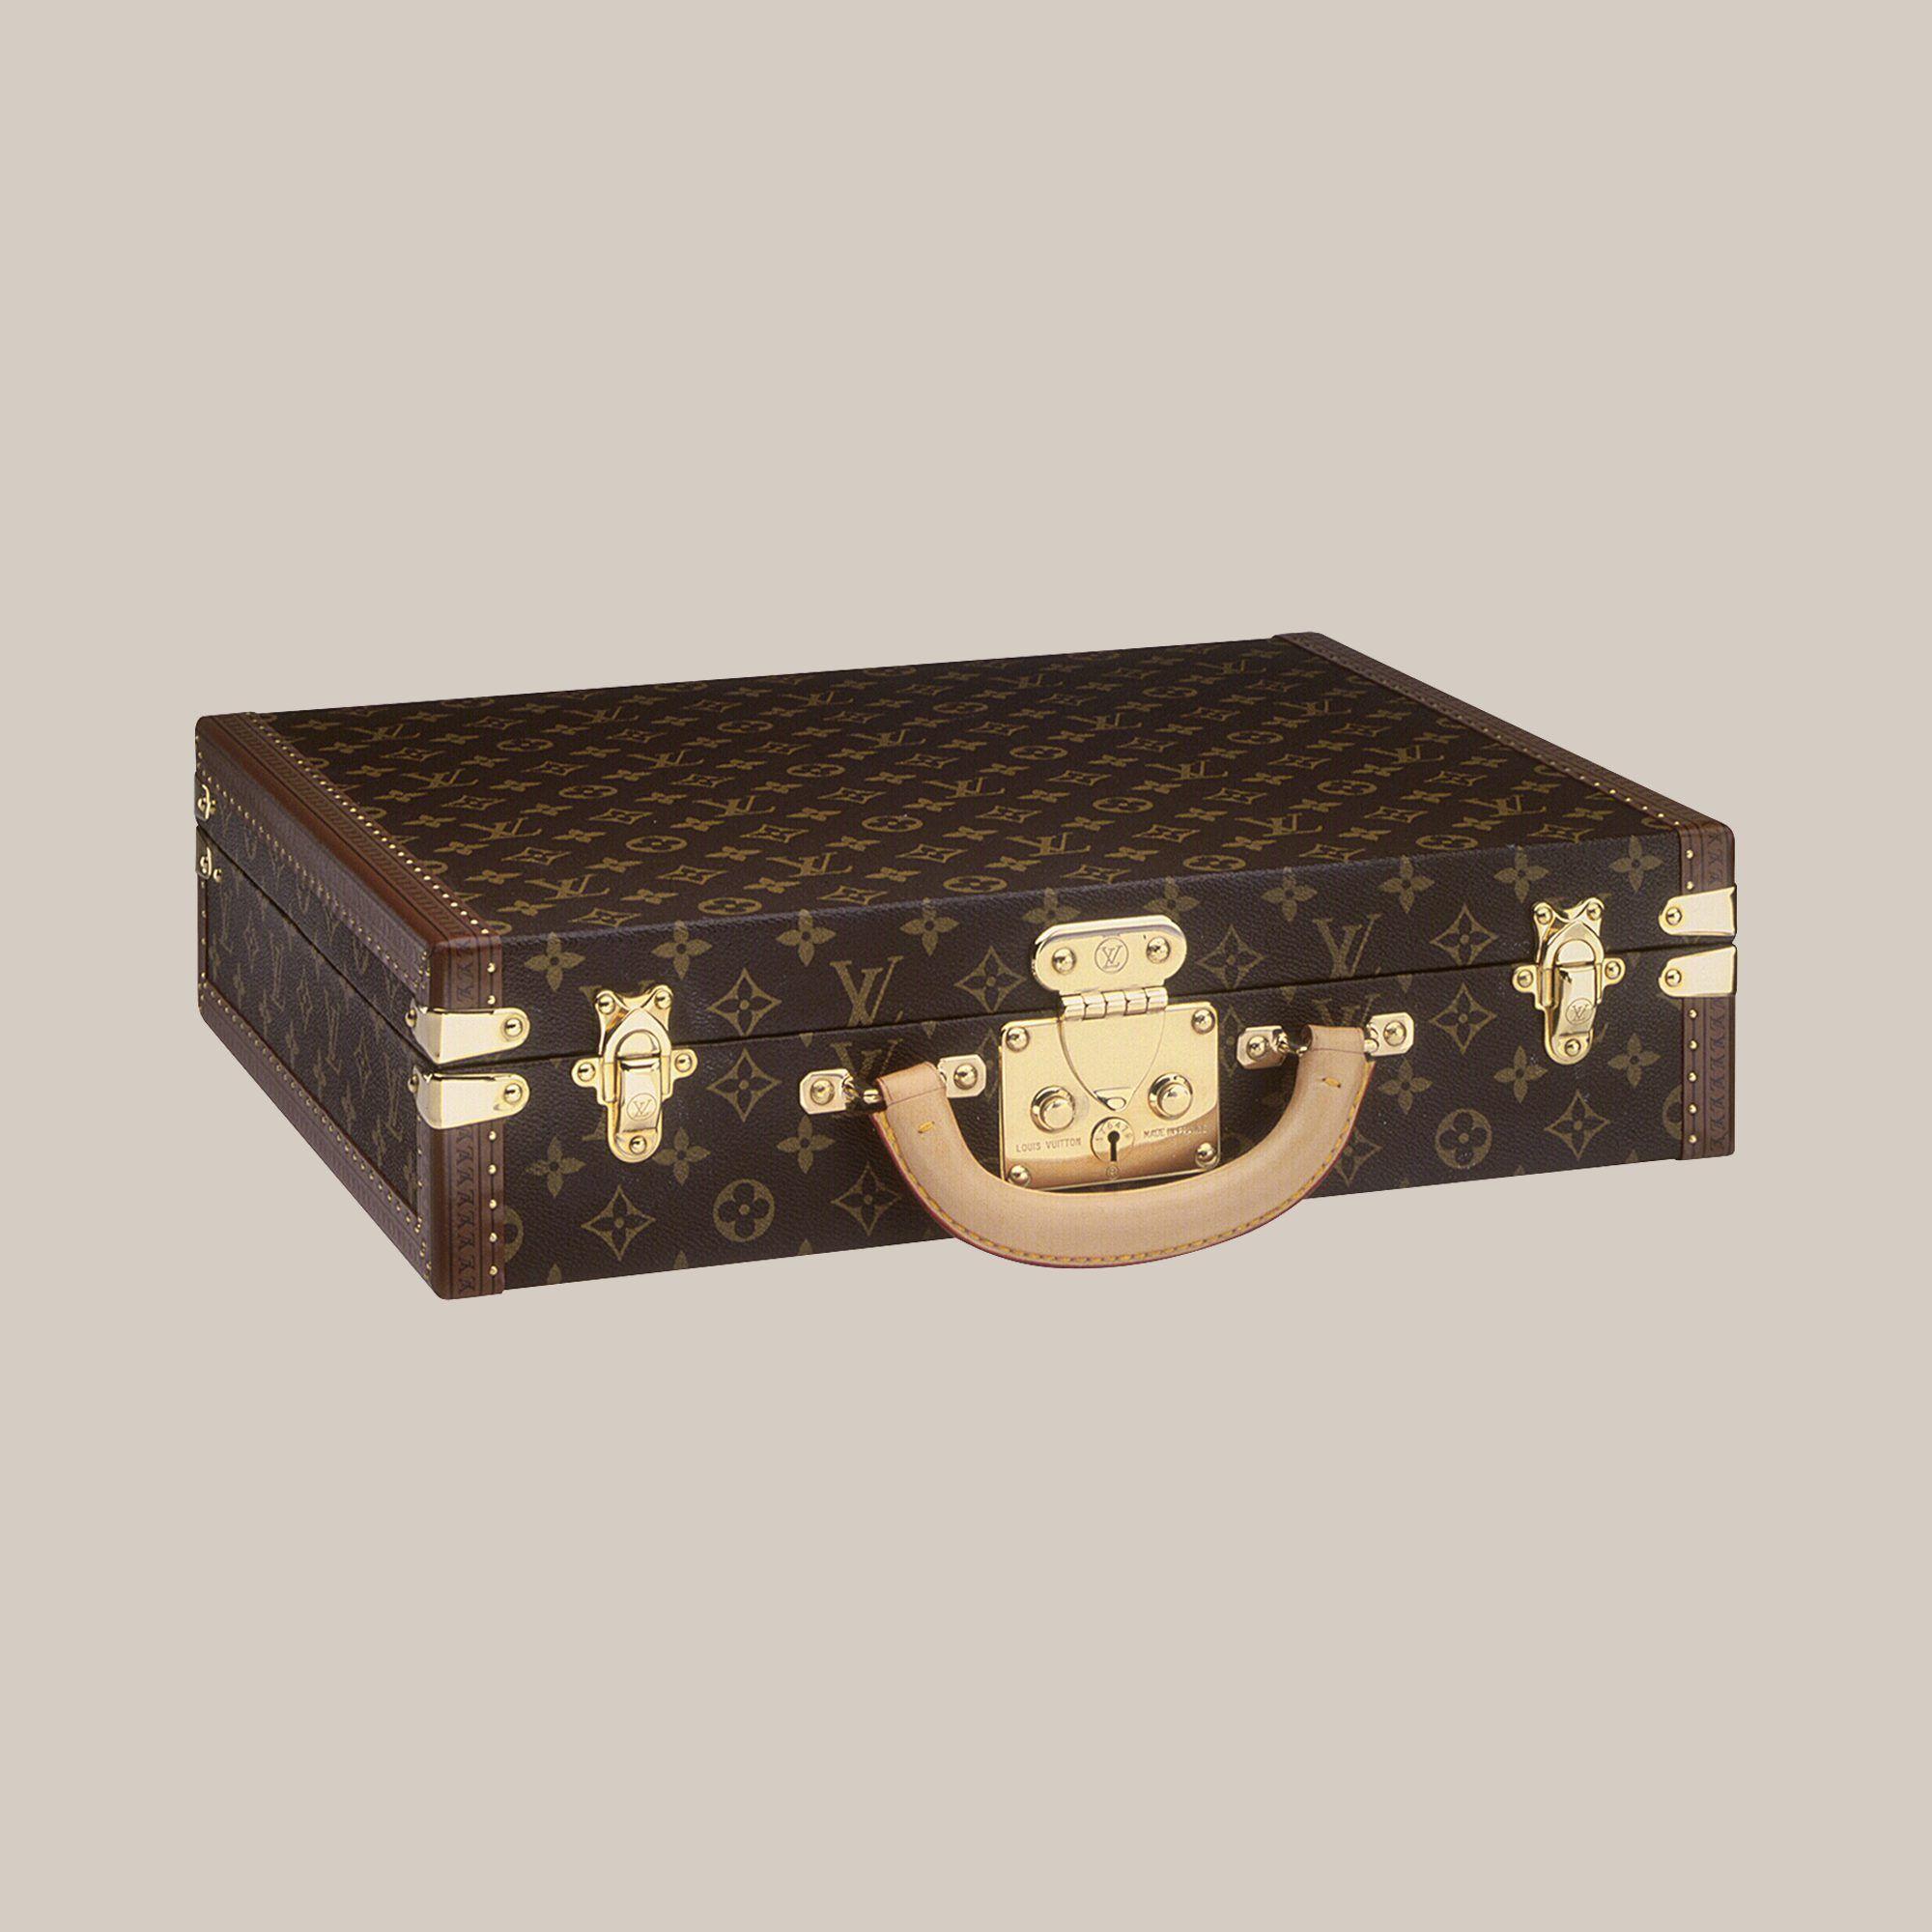 Président Classeur - Louis Vuitton - LOUISVUITTON.COM